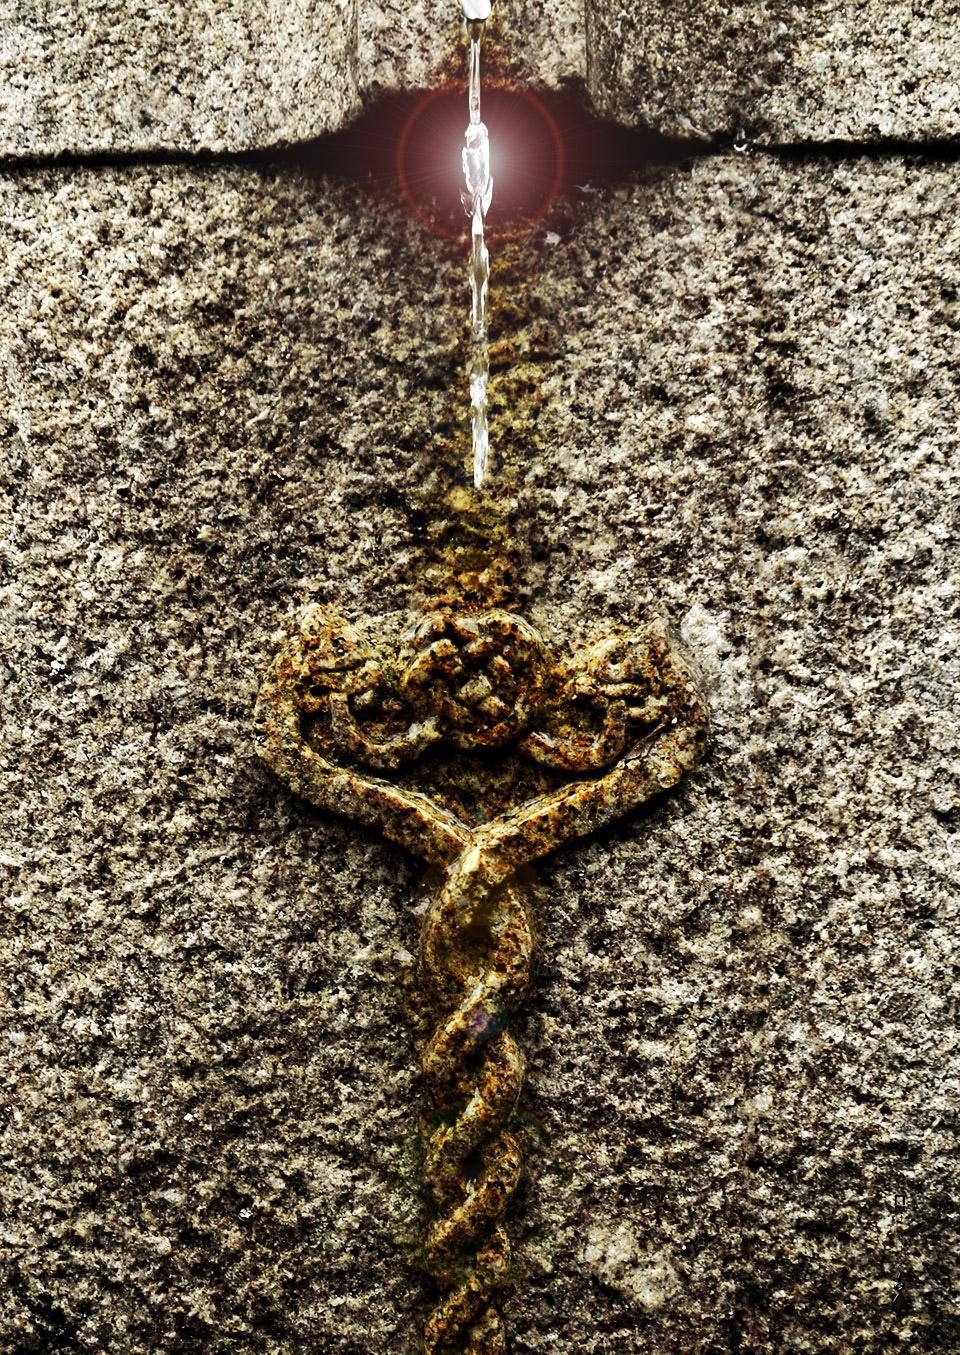 L'eau guérisseuse - Monastère orthodoxe celtique - Morbihan